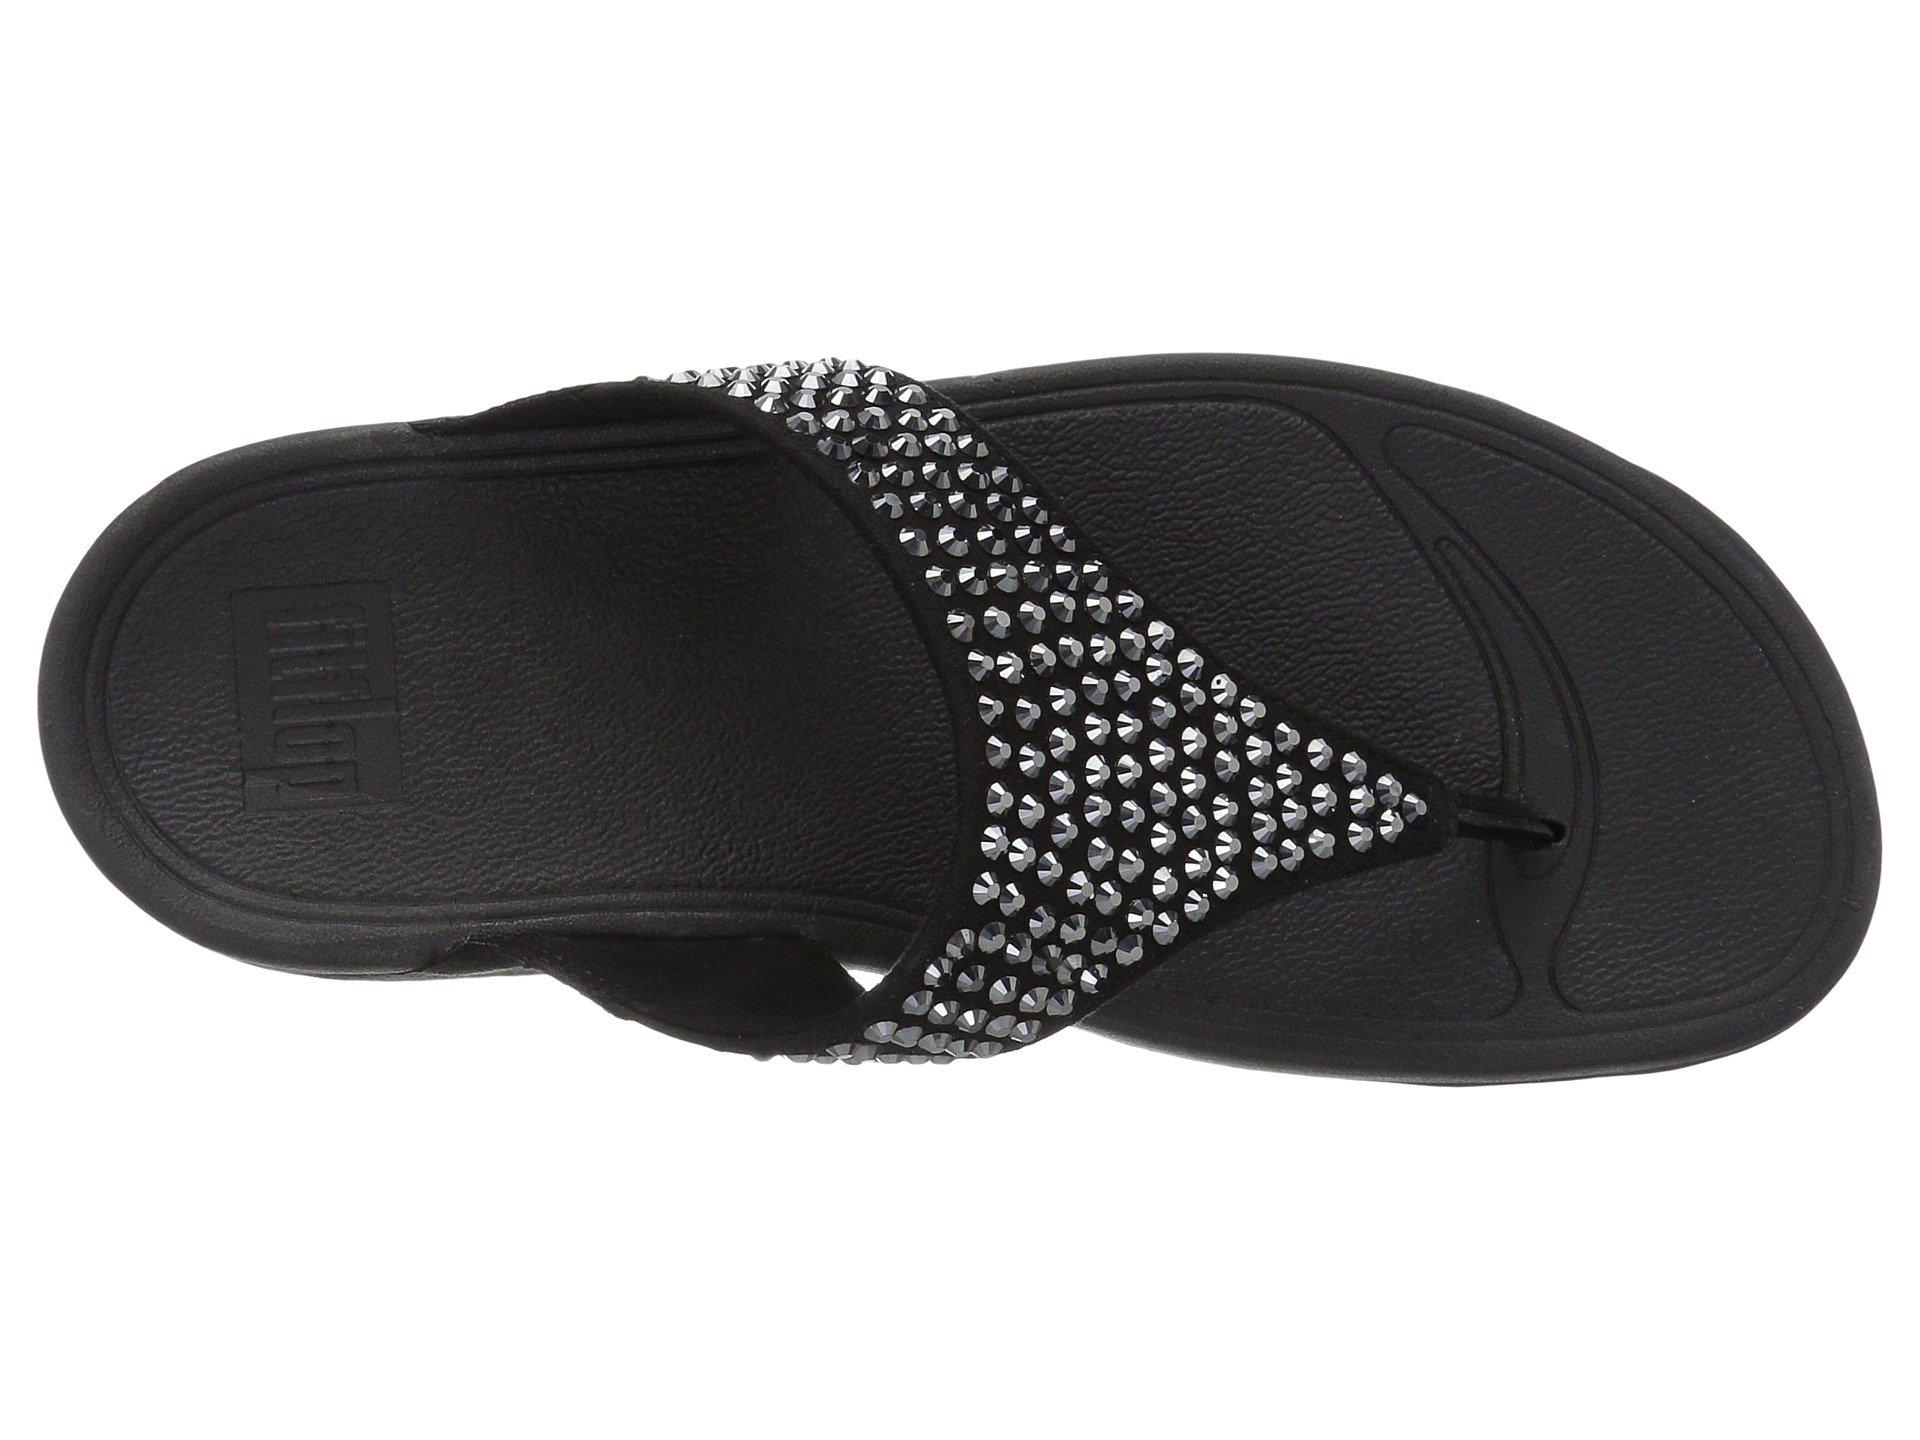 7cd5e616a444ec Lyst - Fitflop Glitzie Toe-thong Sandals in Black